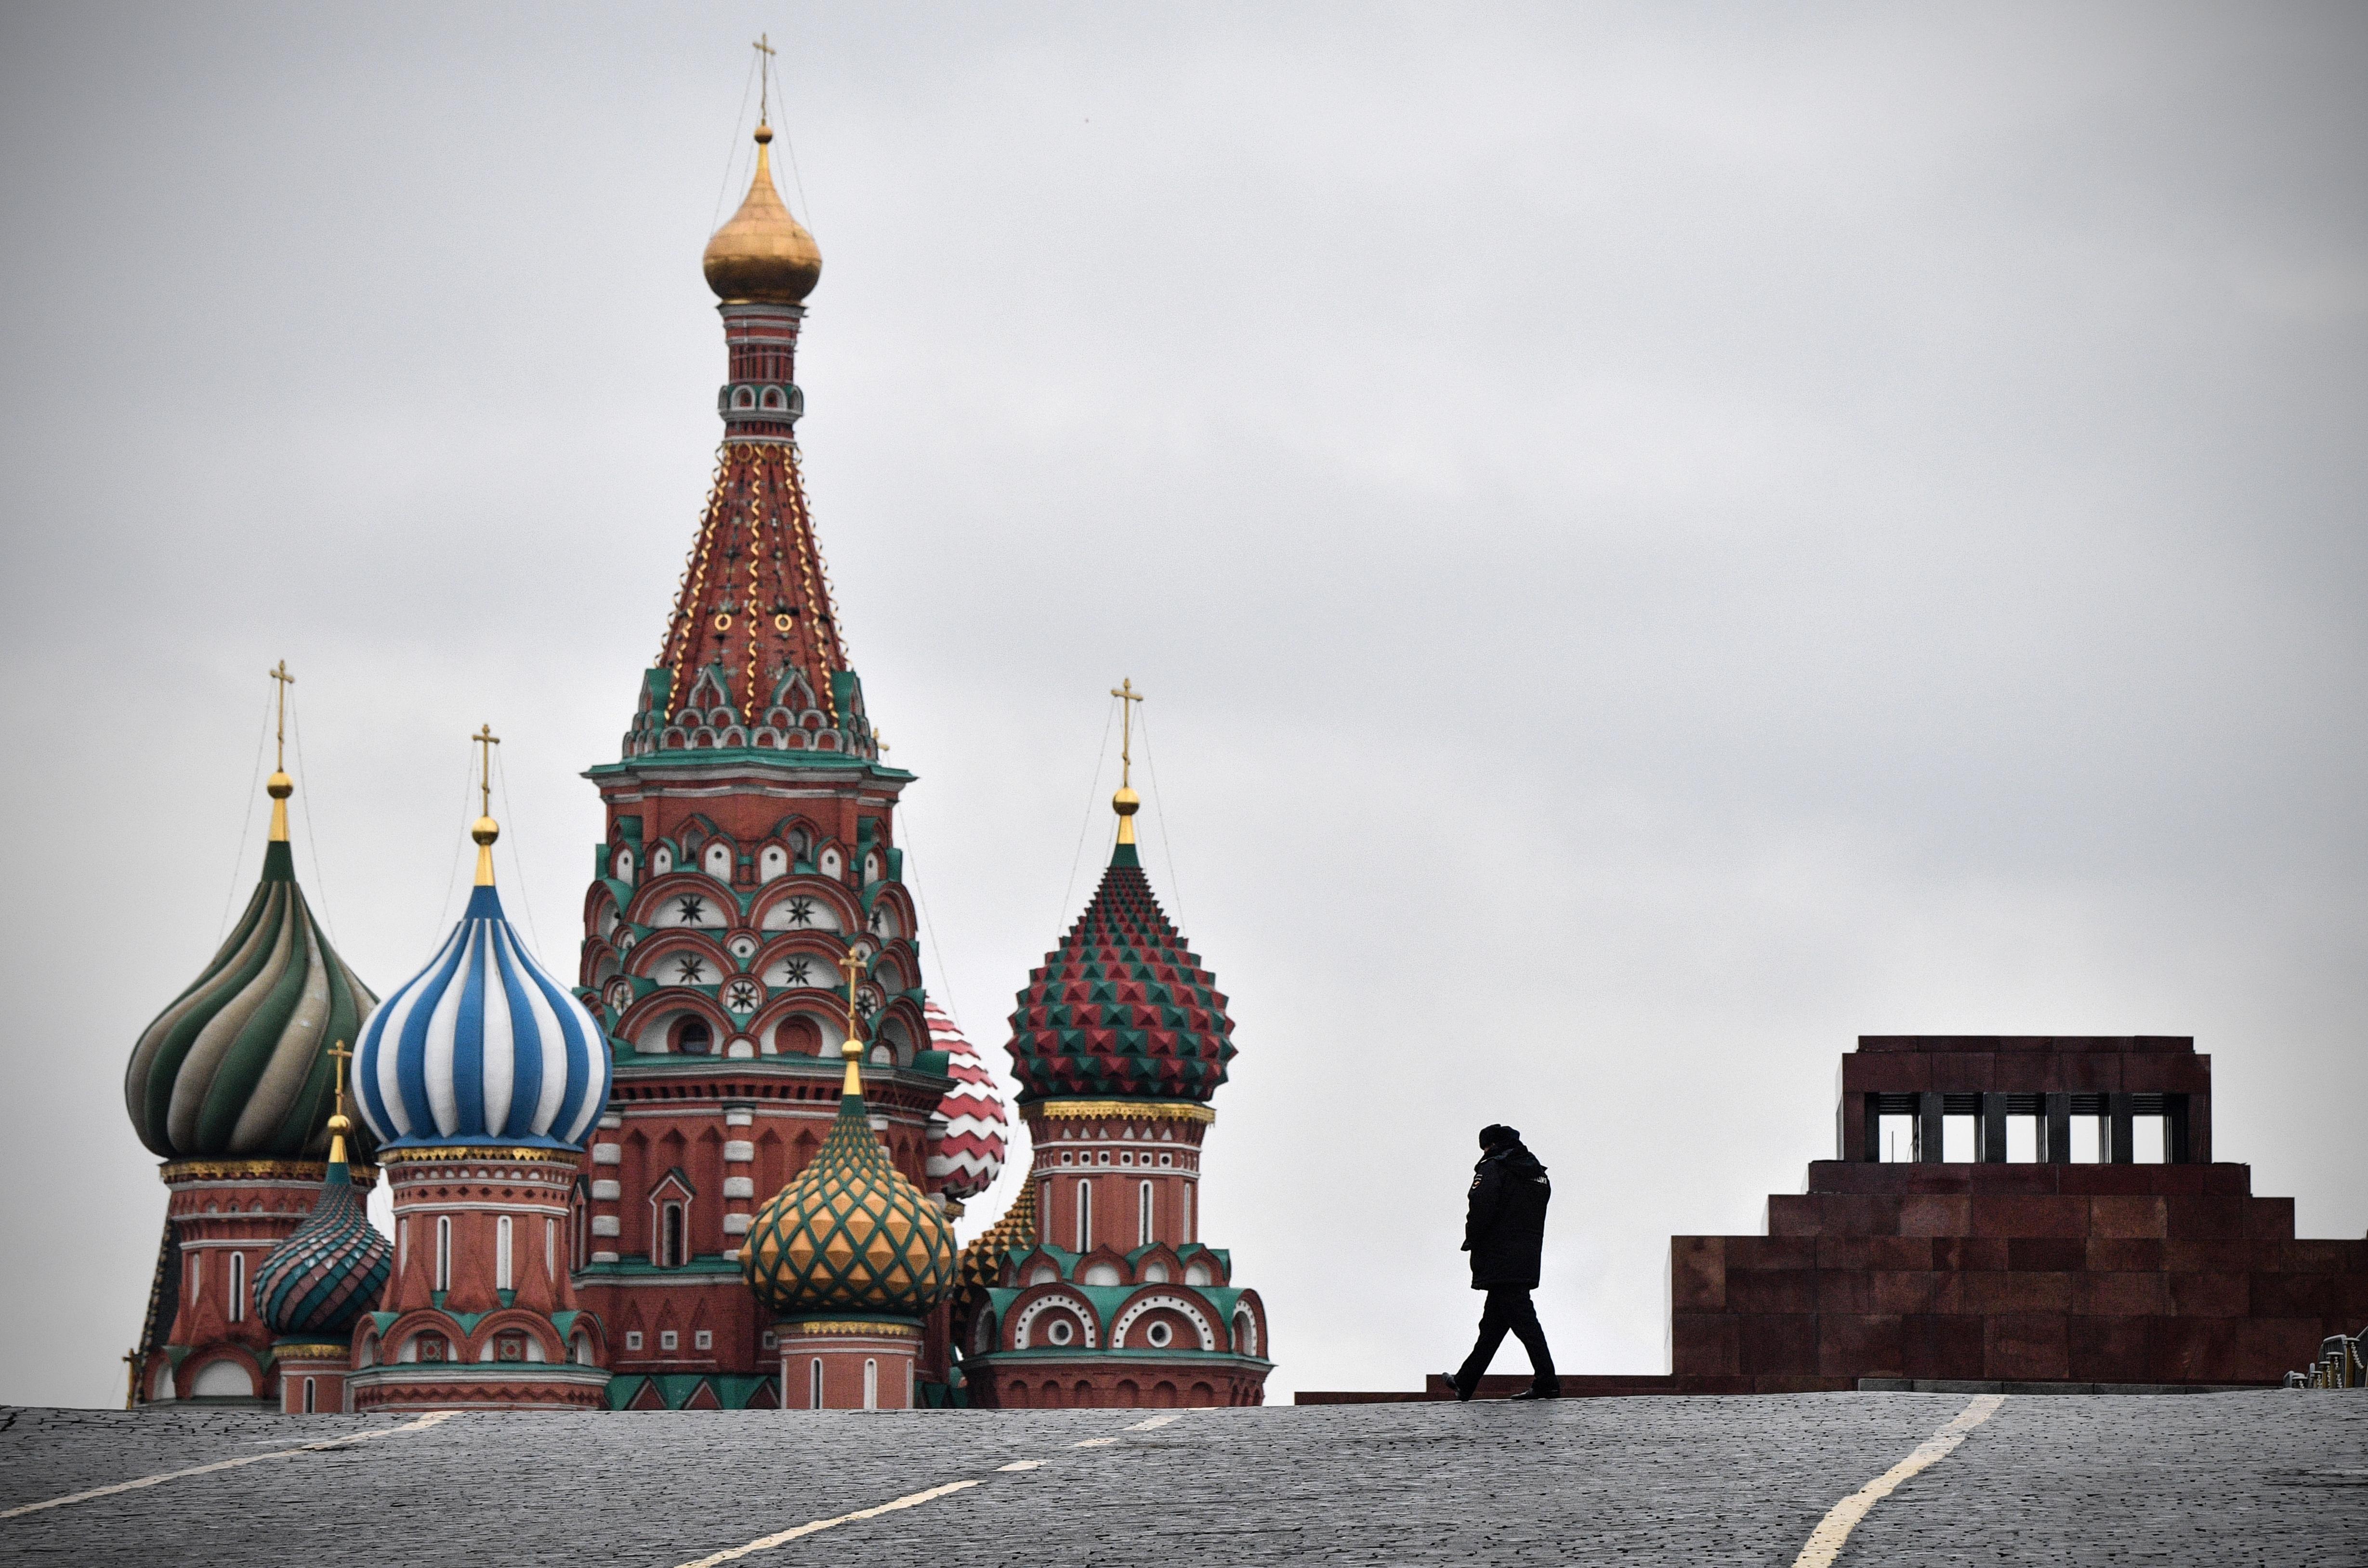 俄記者報導中國經濟 遭中共外交官發信威脅